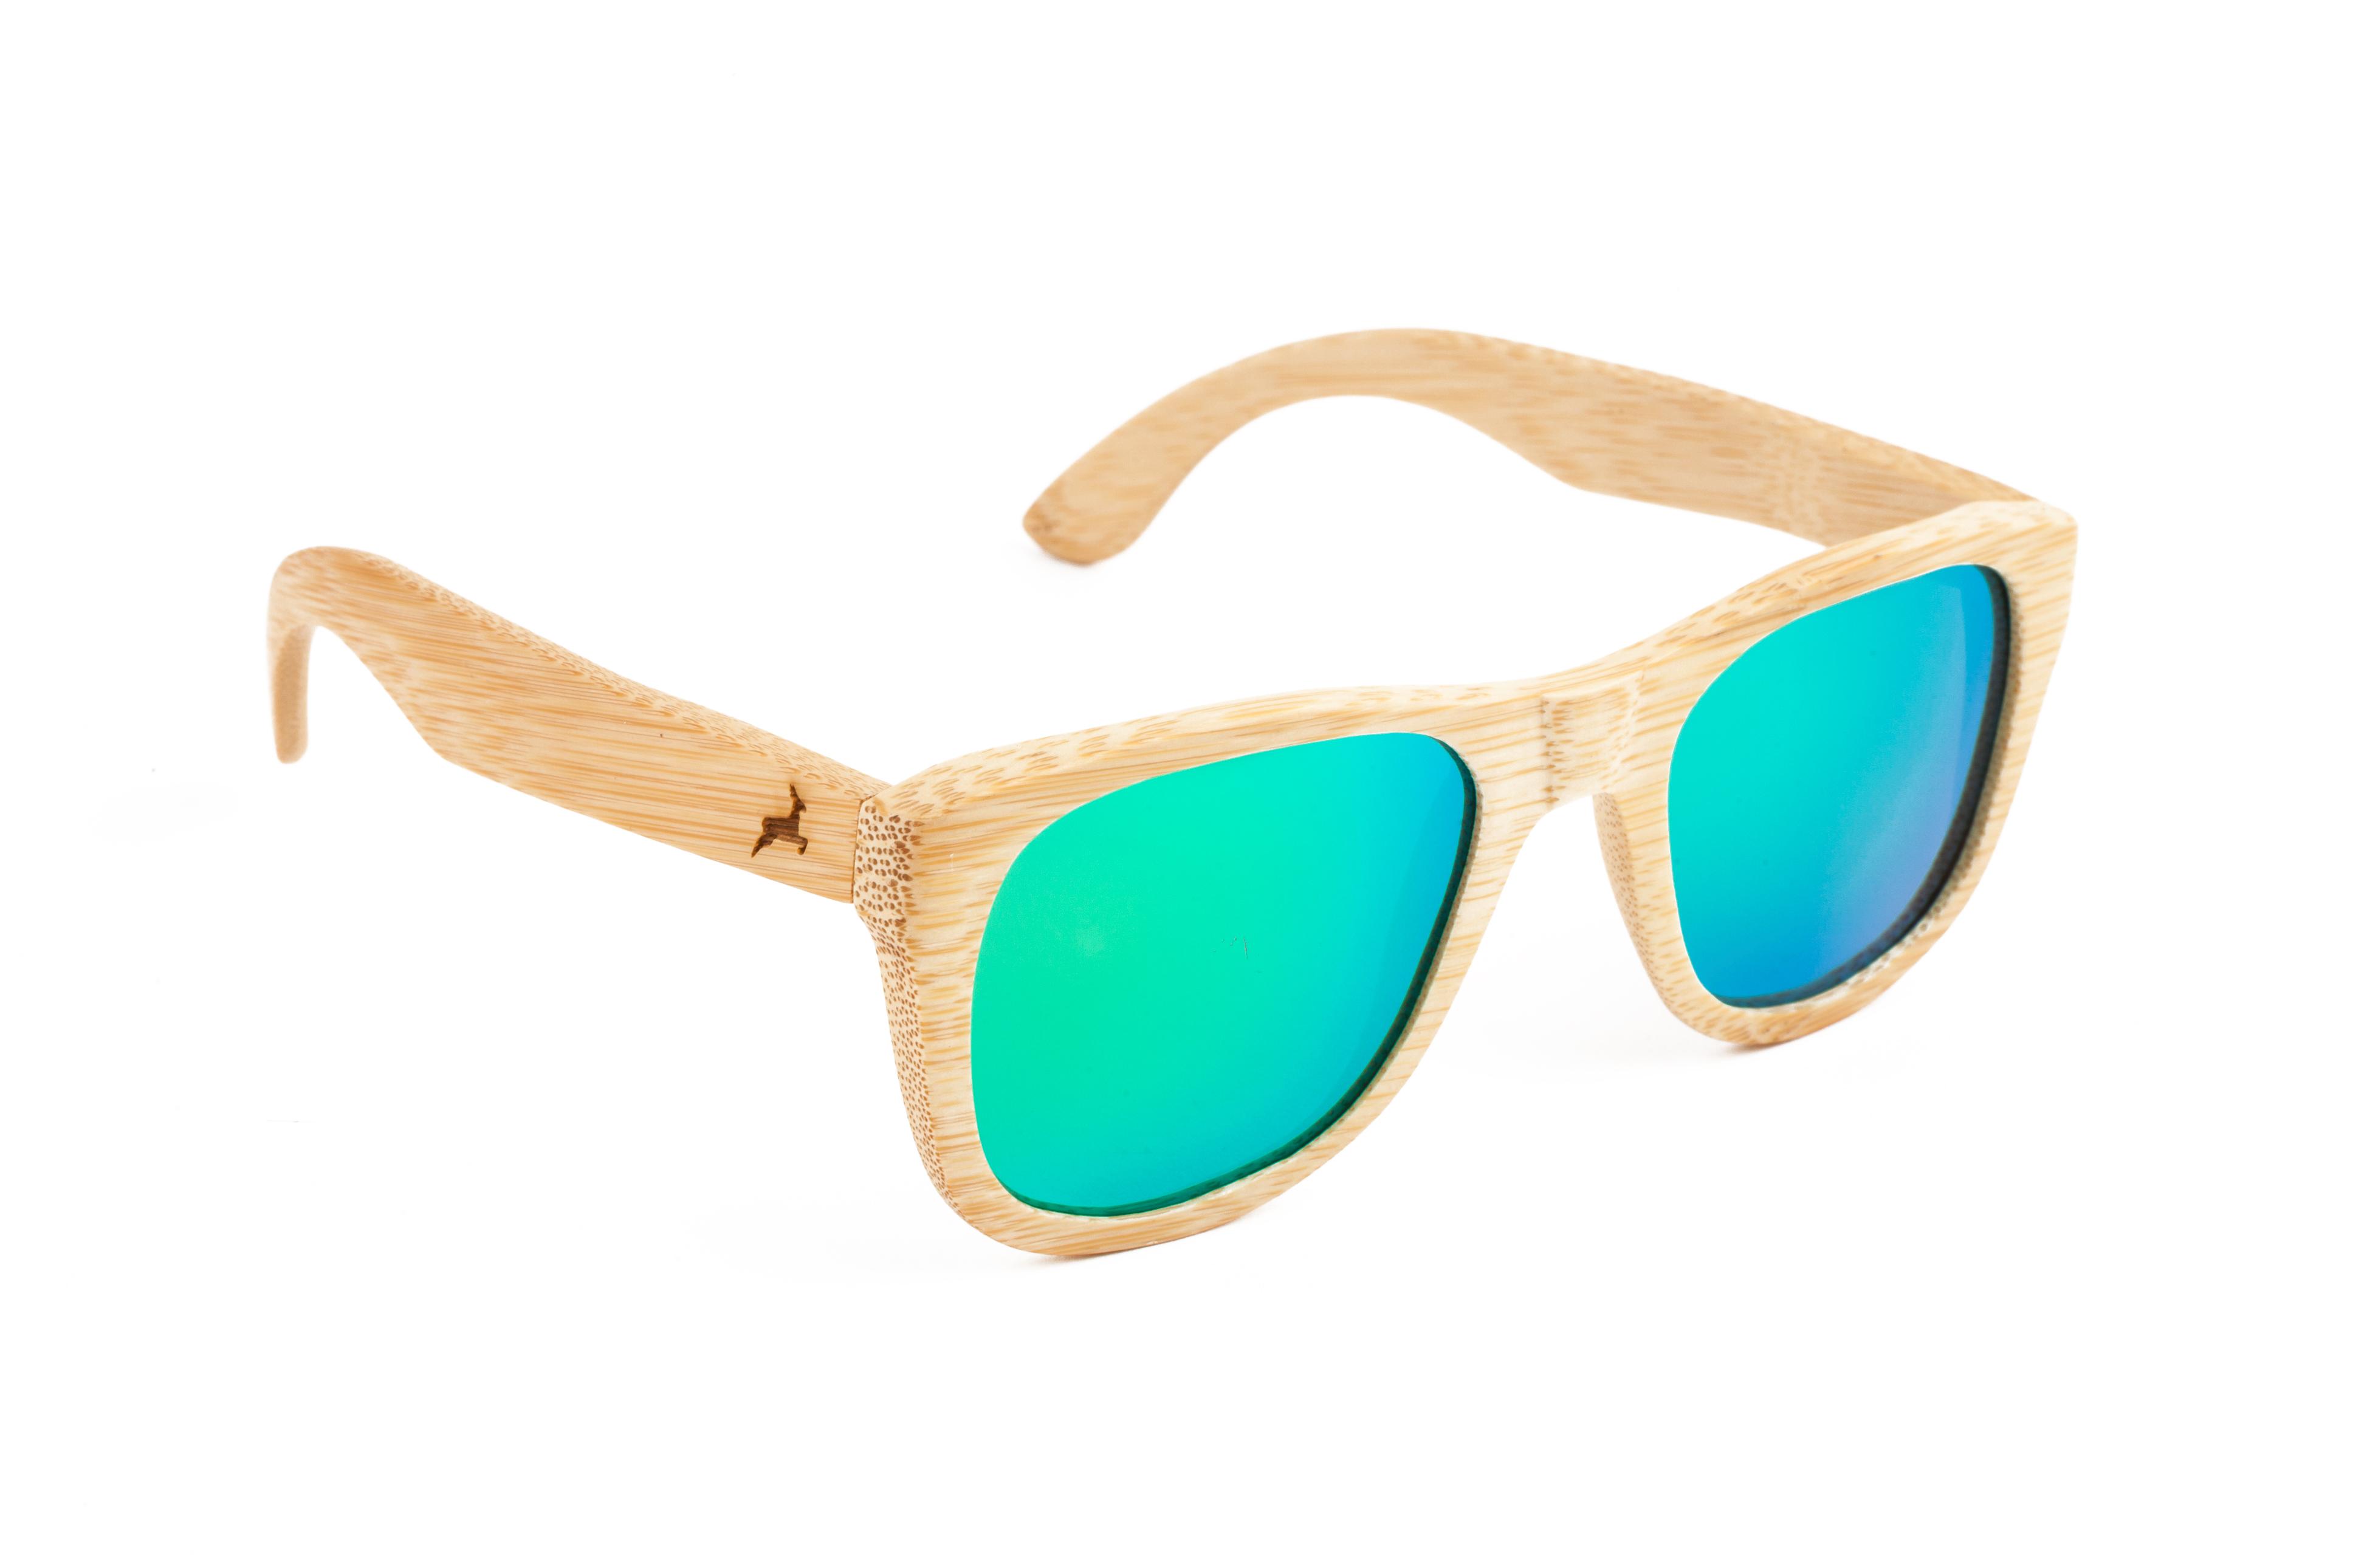 Holzkitz Sonnenbrillen - Holzbrillen aus Holz - Sonnenbrillen aus Holz